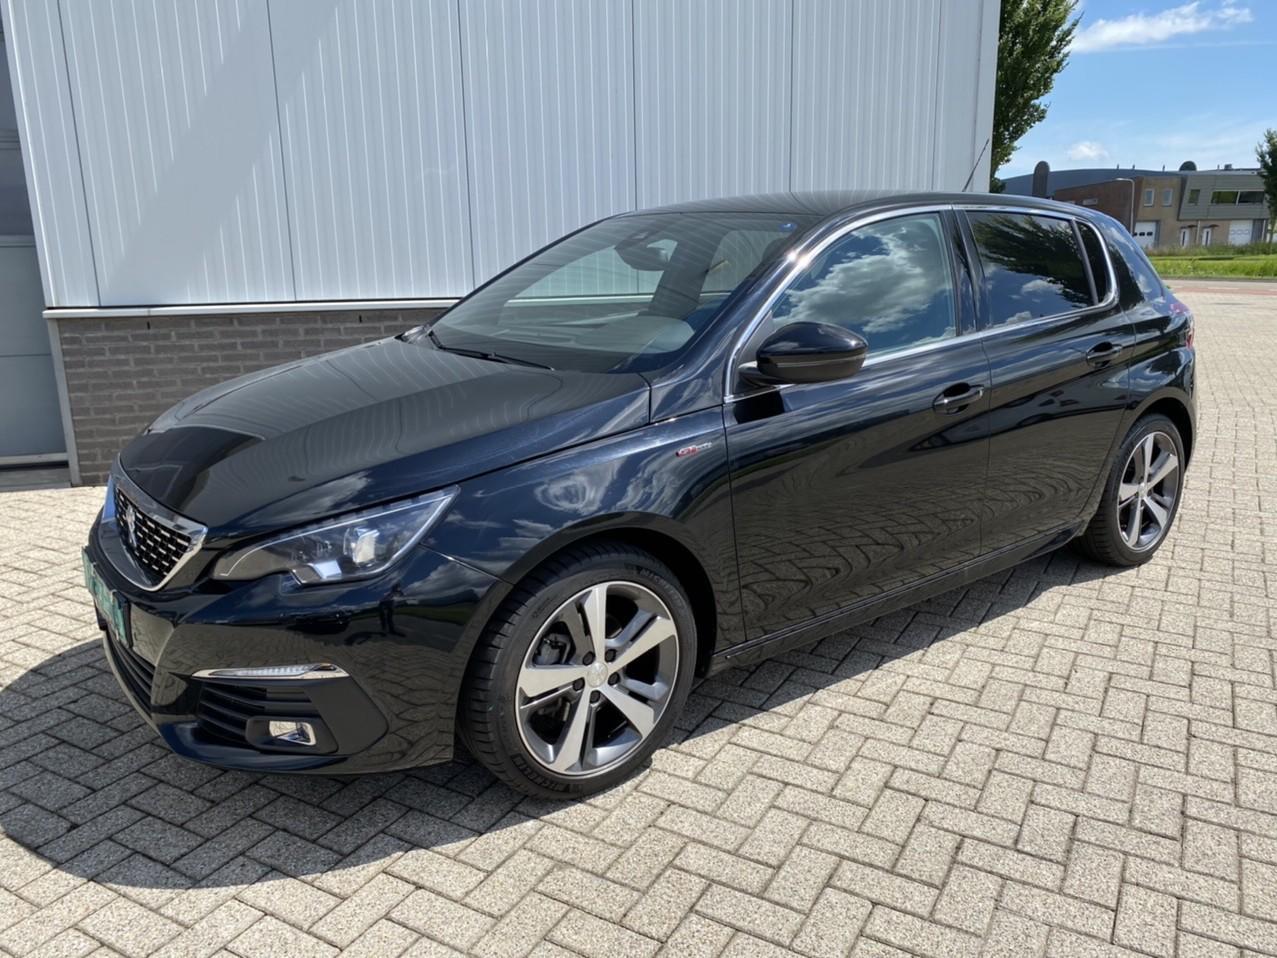 Peugeot 308 130pk automaat gt-line rijklaar prijs